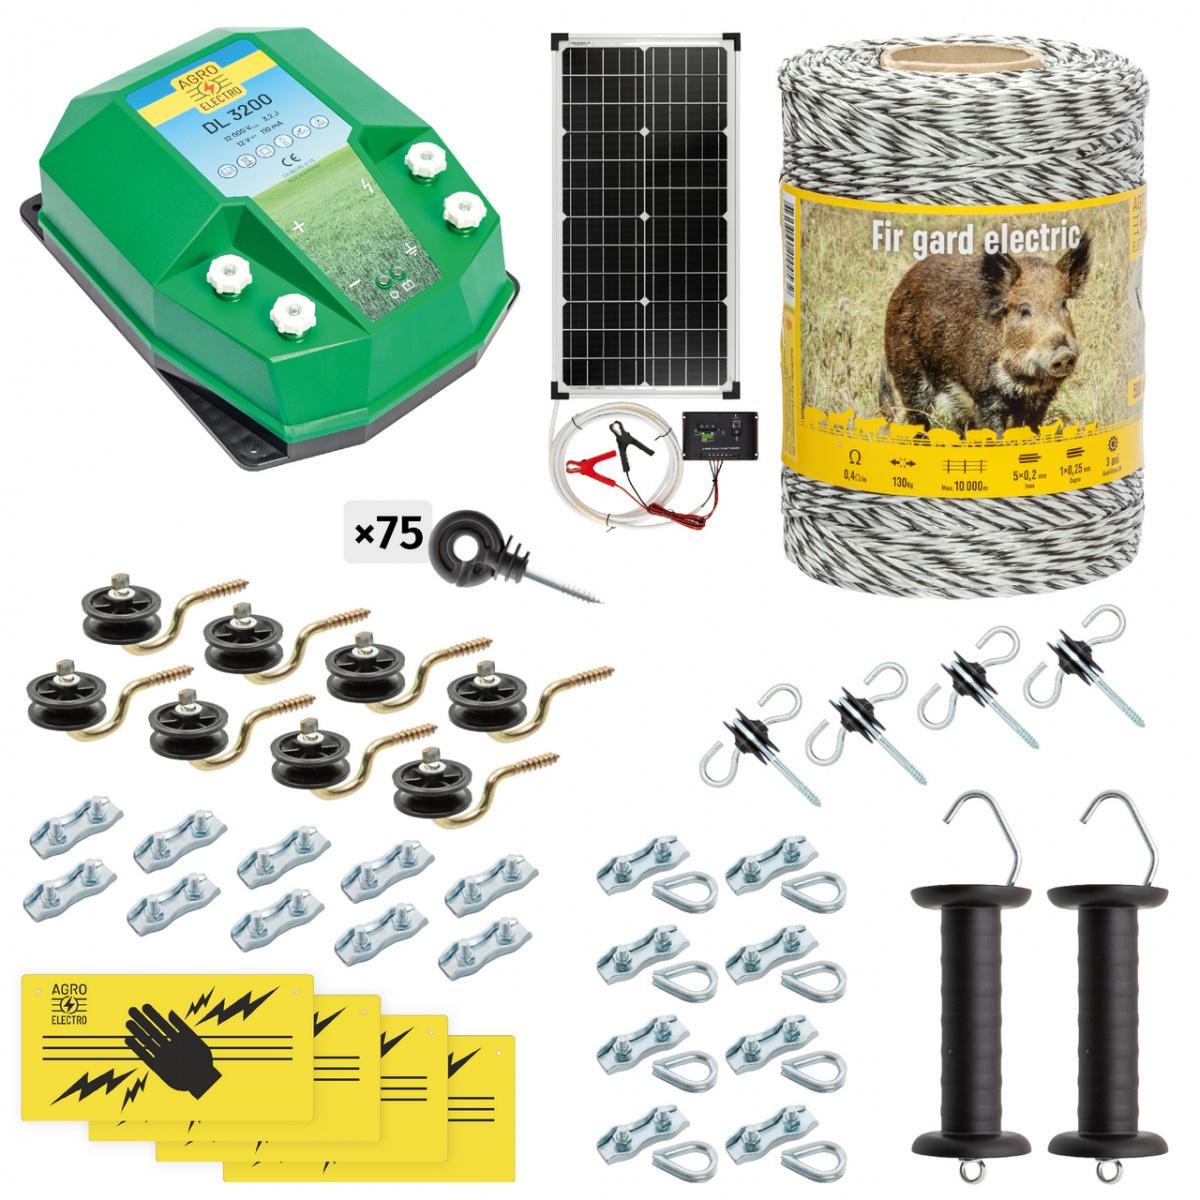 Teljes villanypásztor csomag vadállatoknak, 500m, 3,2Joule, napelemes rendszerrel